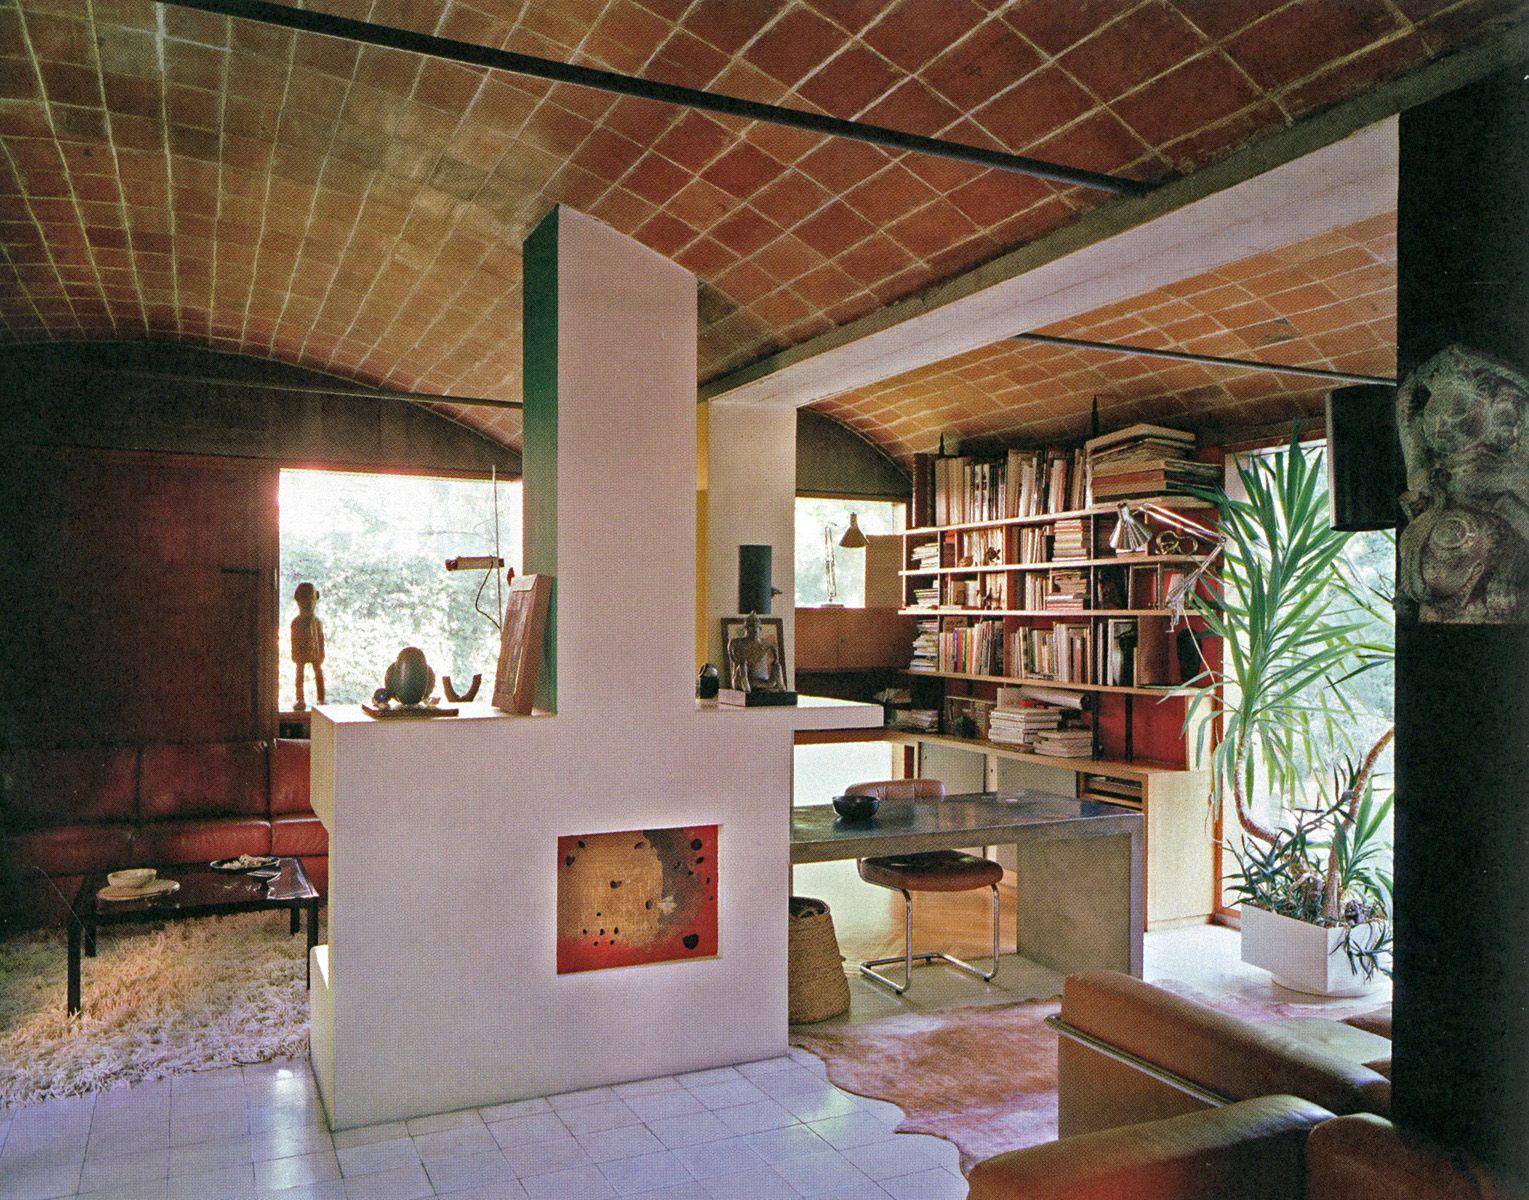 le corbusier maison jaoul - Google Search | Le Corbusier ...